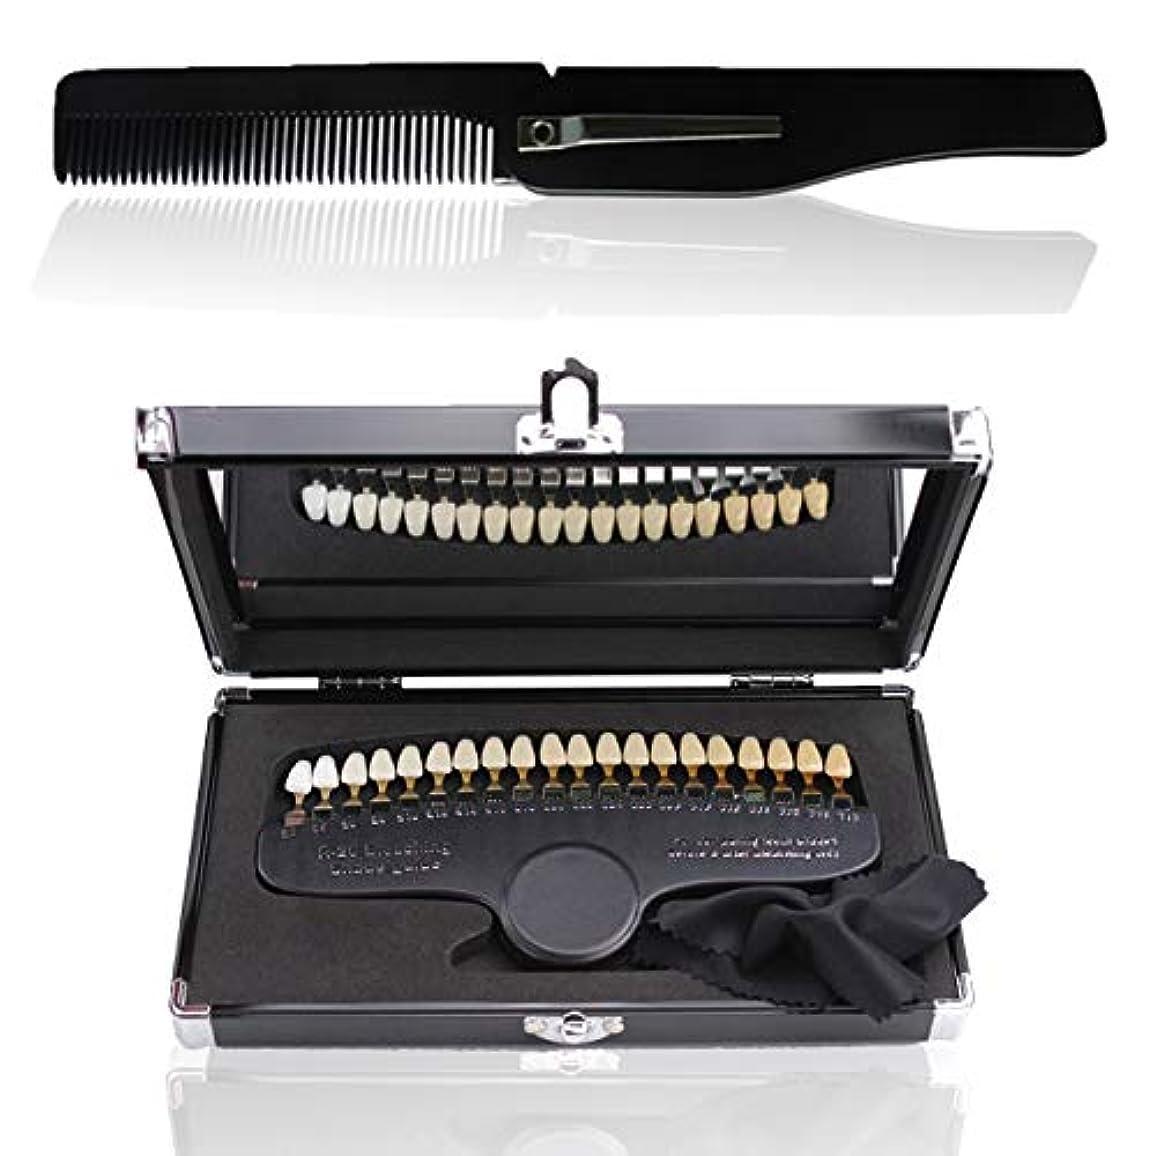 分布いう傾斜フェリモア 歯 シェードガイド 色見本 歯列模型 段階的 櫛付き 鏡付き 収納ケース付き 20段階 (20段階)